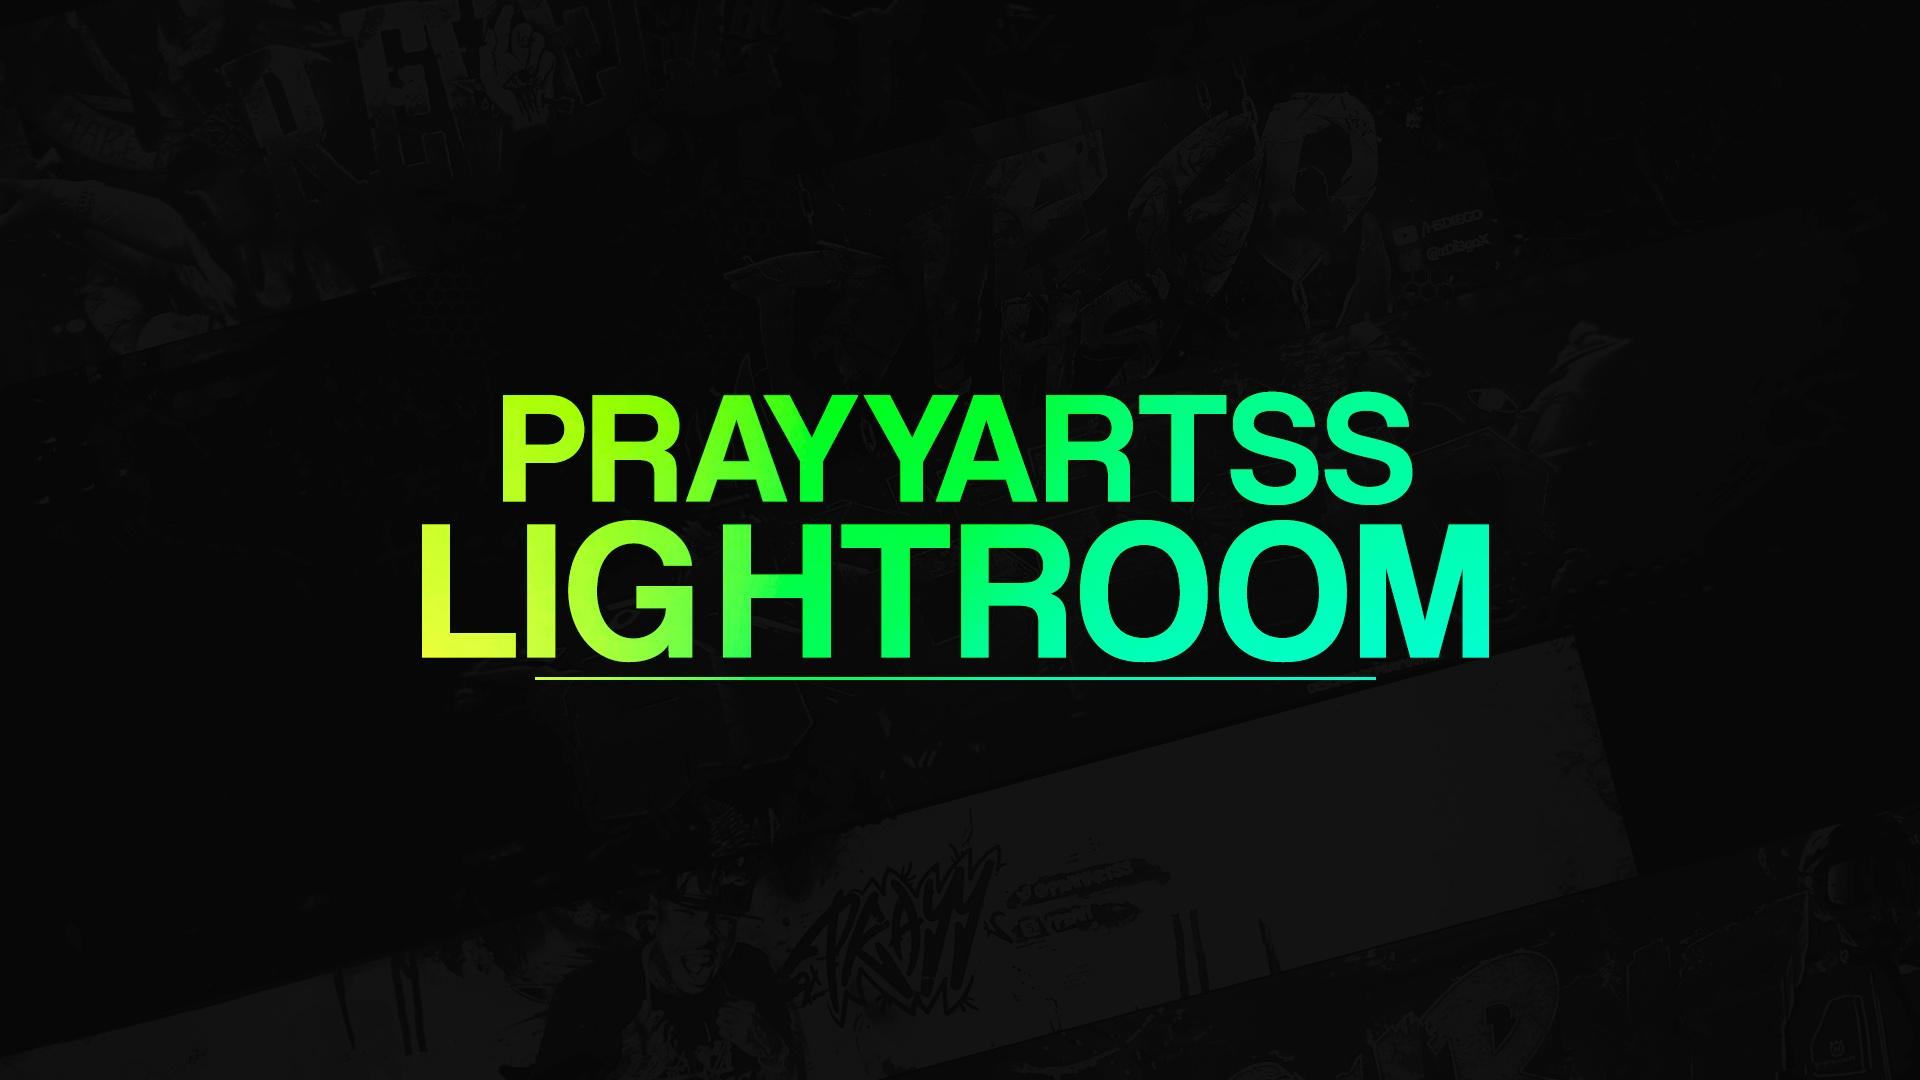 PRAYYARTSS LIGHTROOM